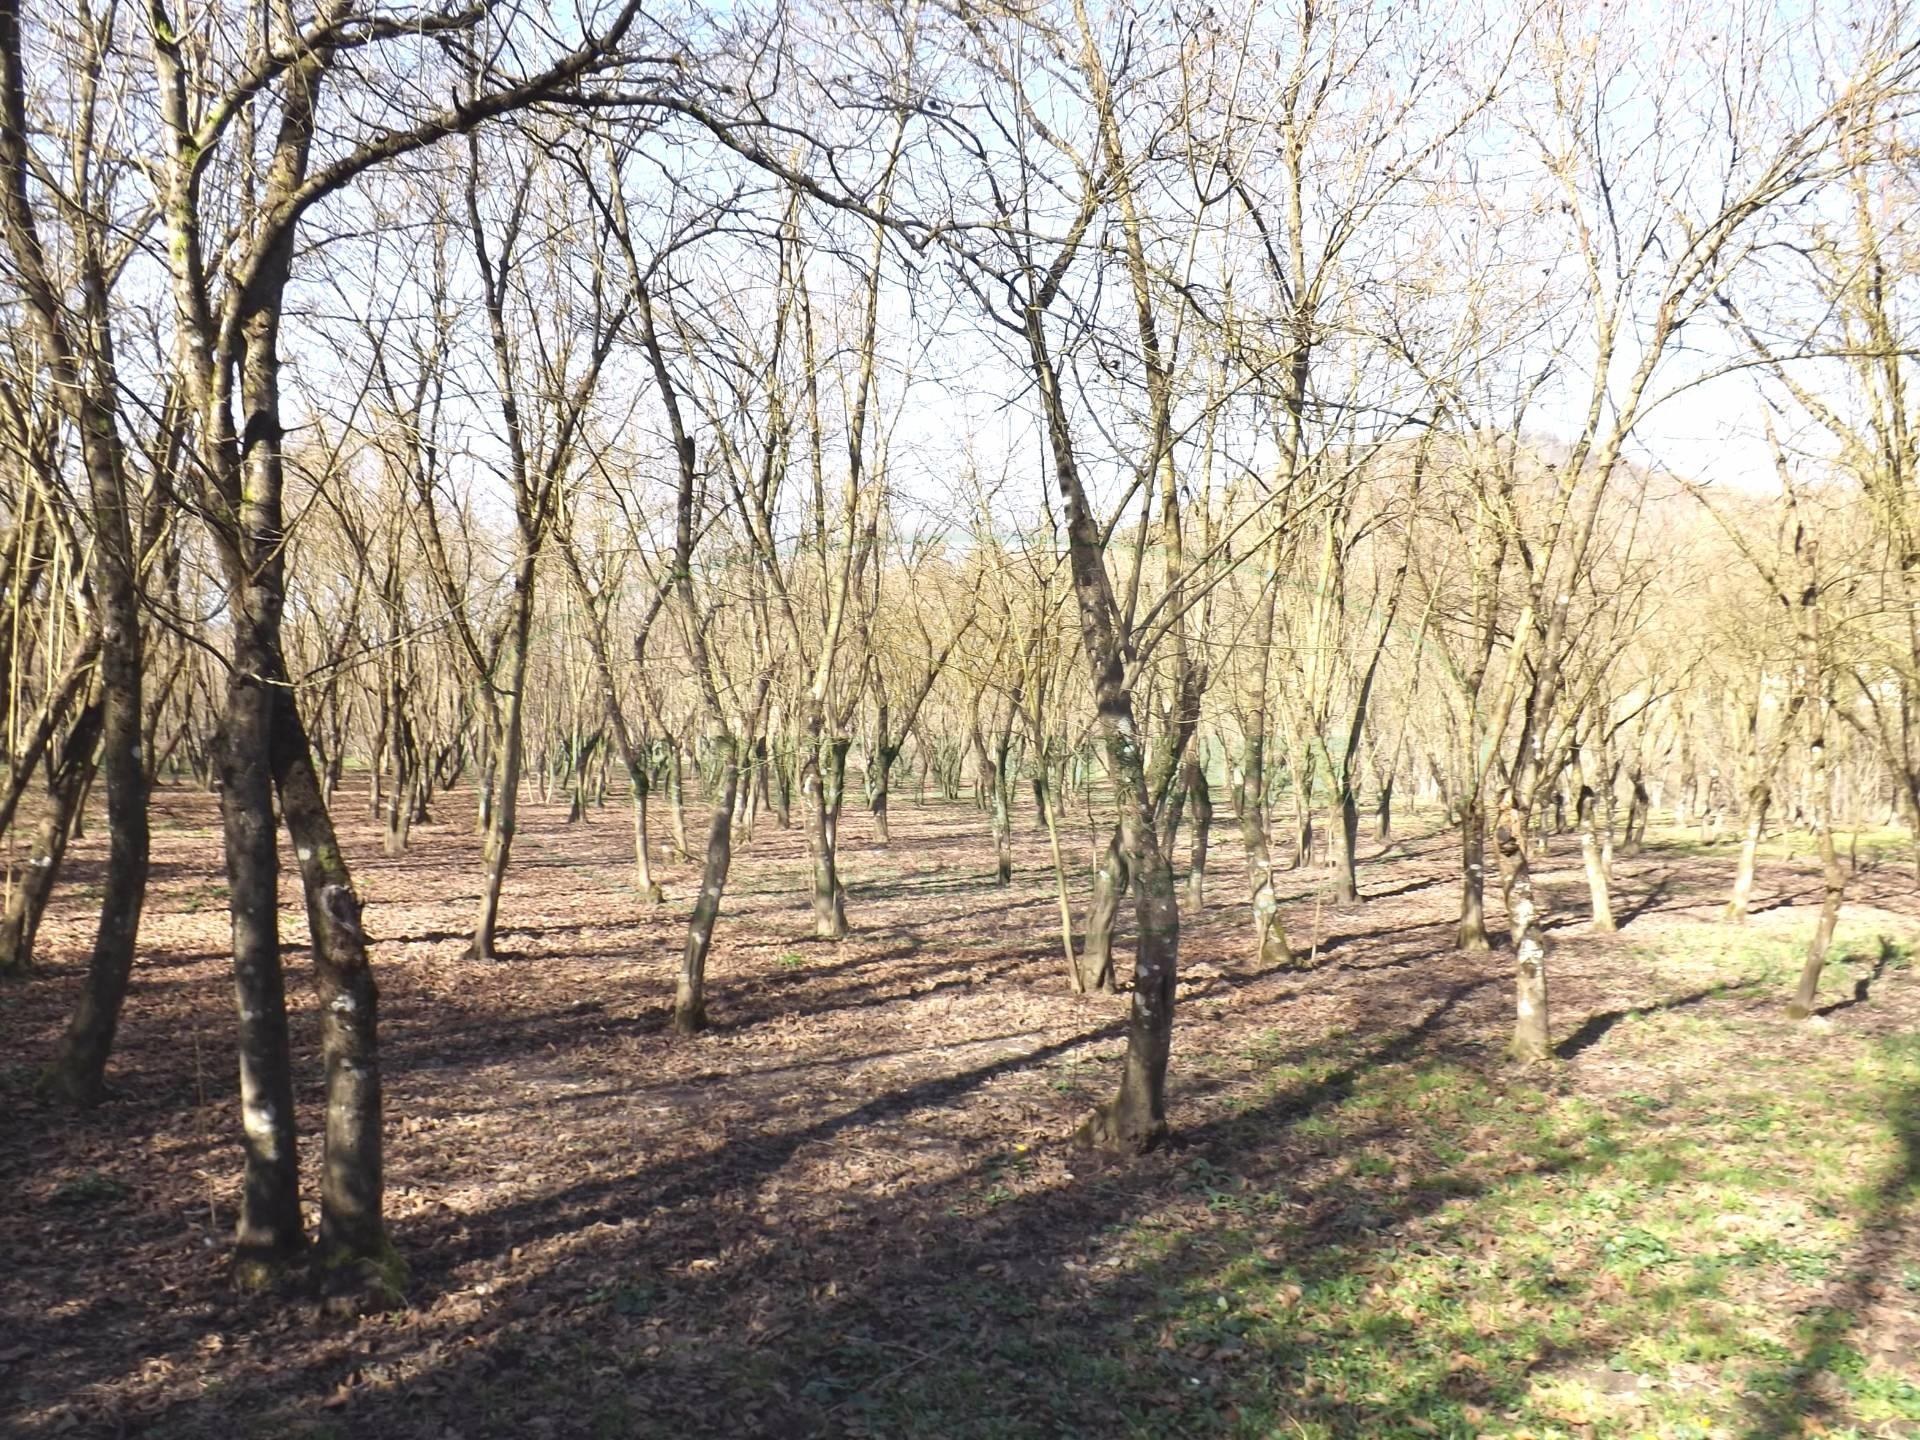 Terreno Agricolo in vendita a Prata di Principato Ultra, 9999 locali, prezzo € 11.000 | CambioCasa.it